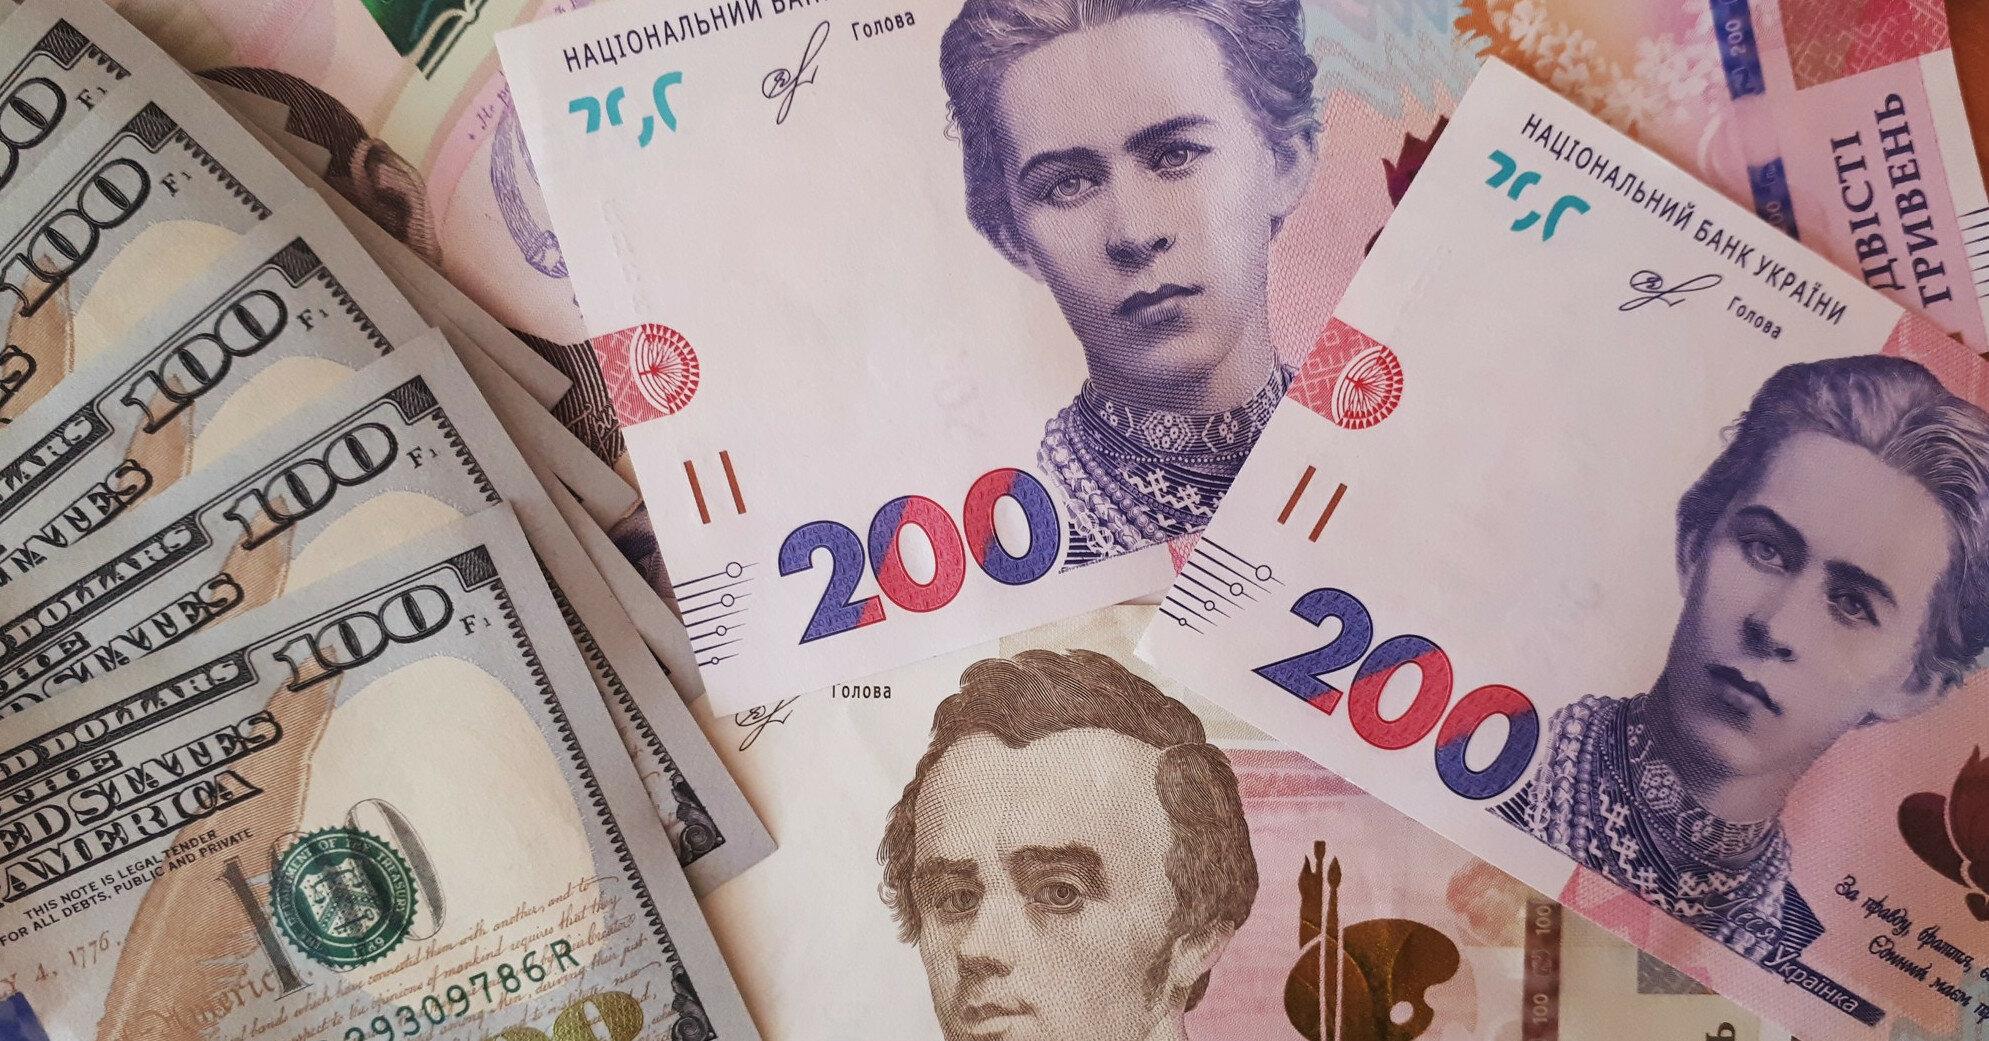 Банки начали выдавать кредиты на растаможку евроблях